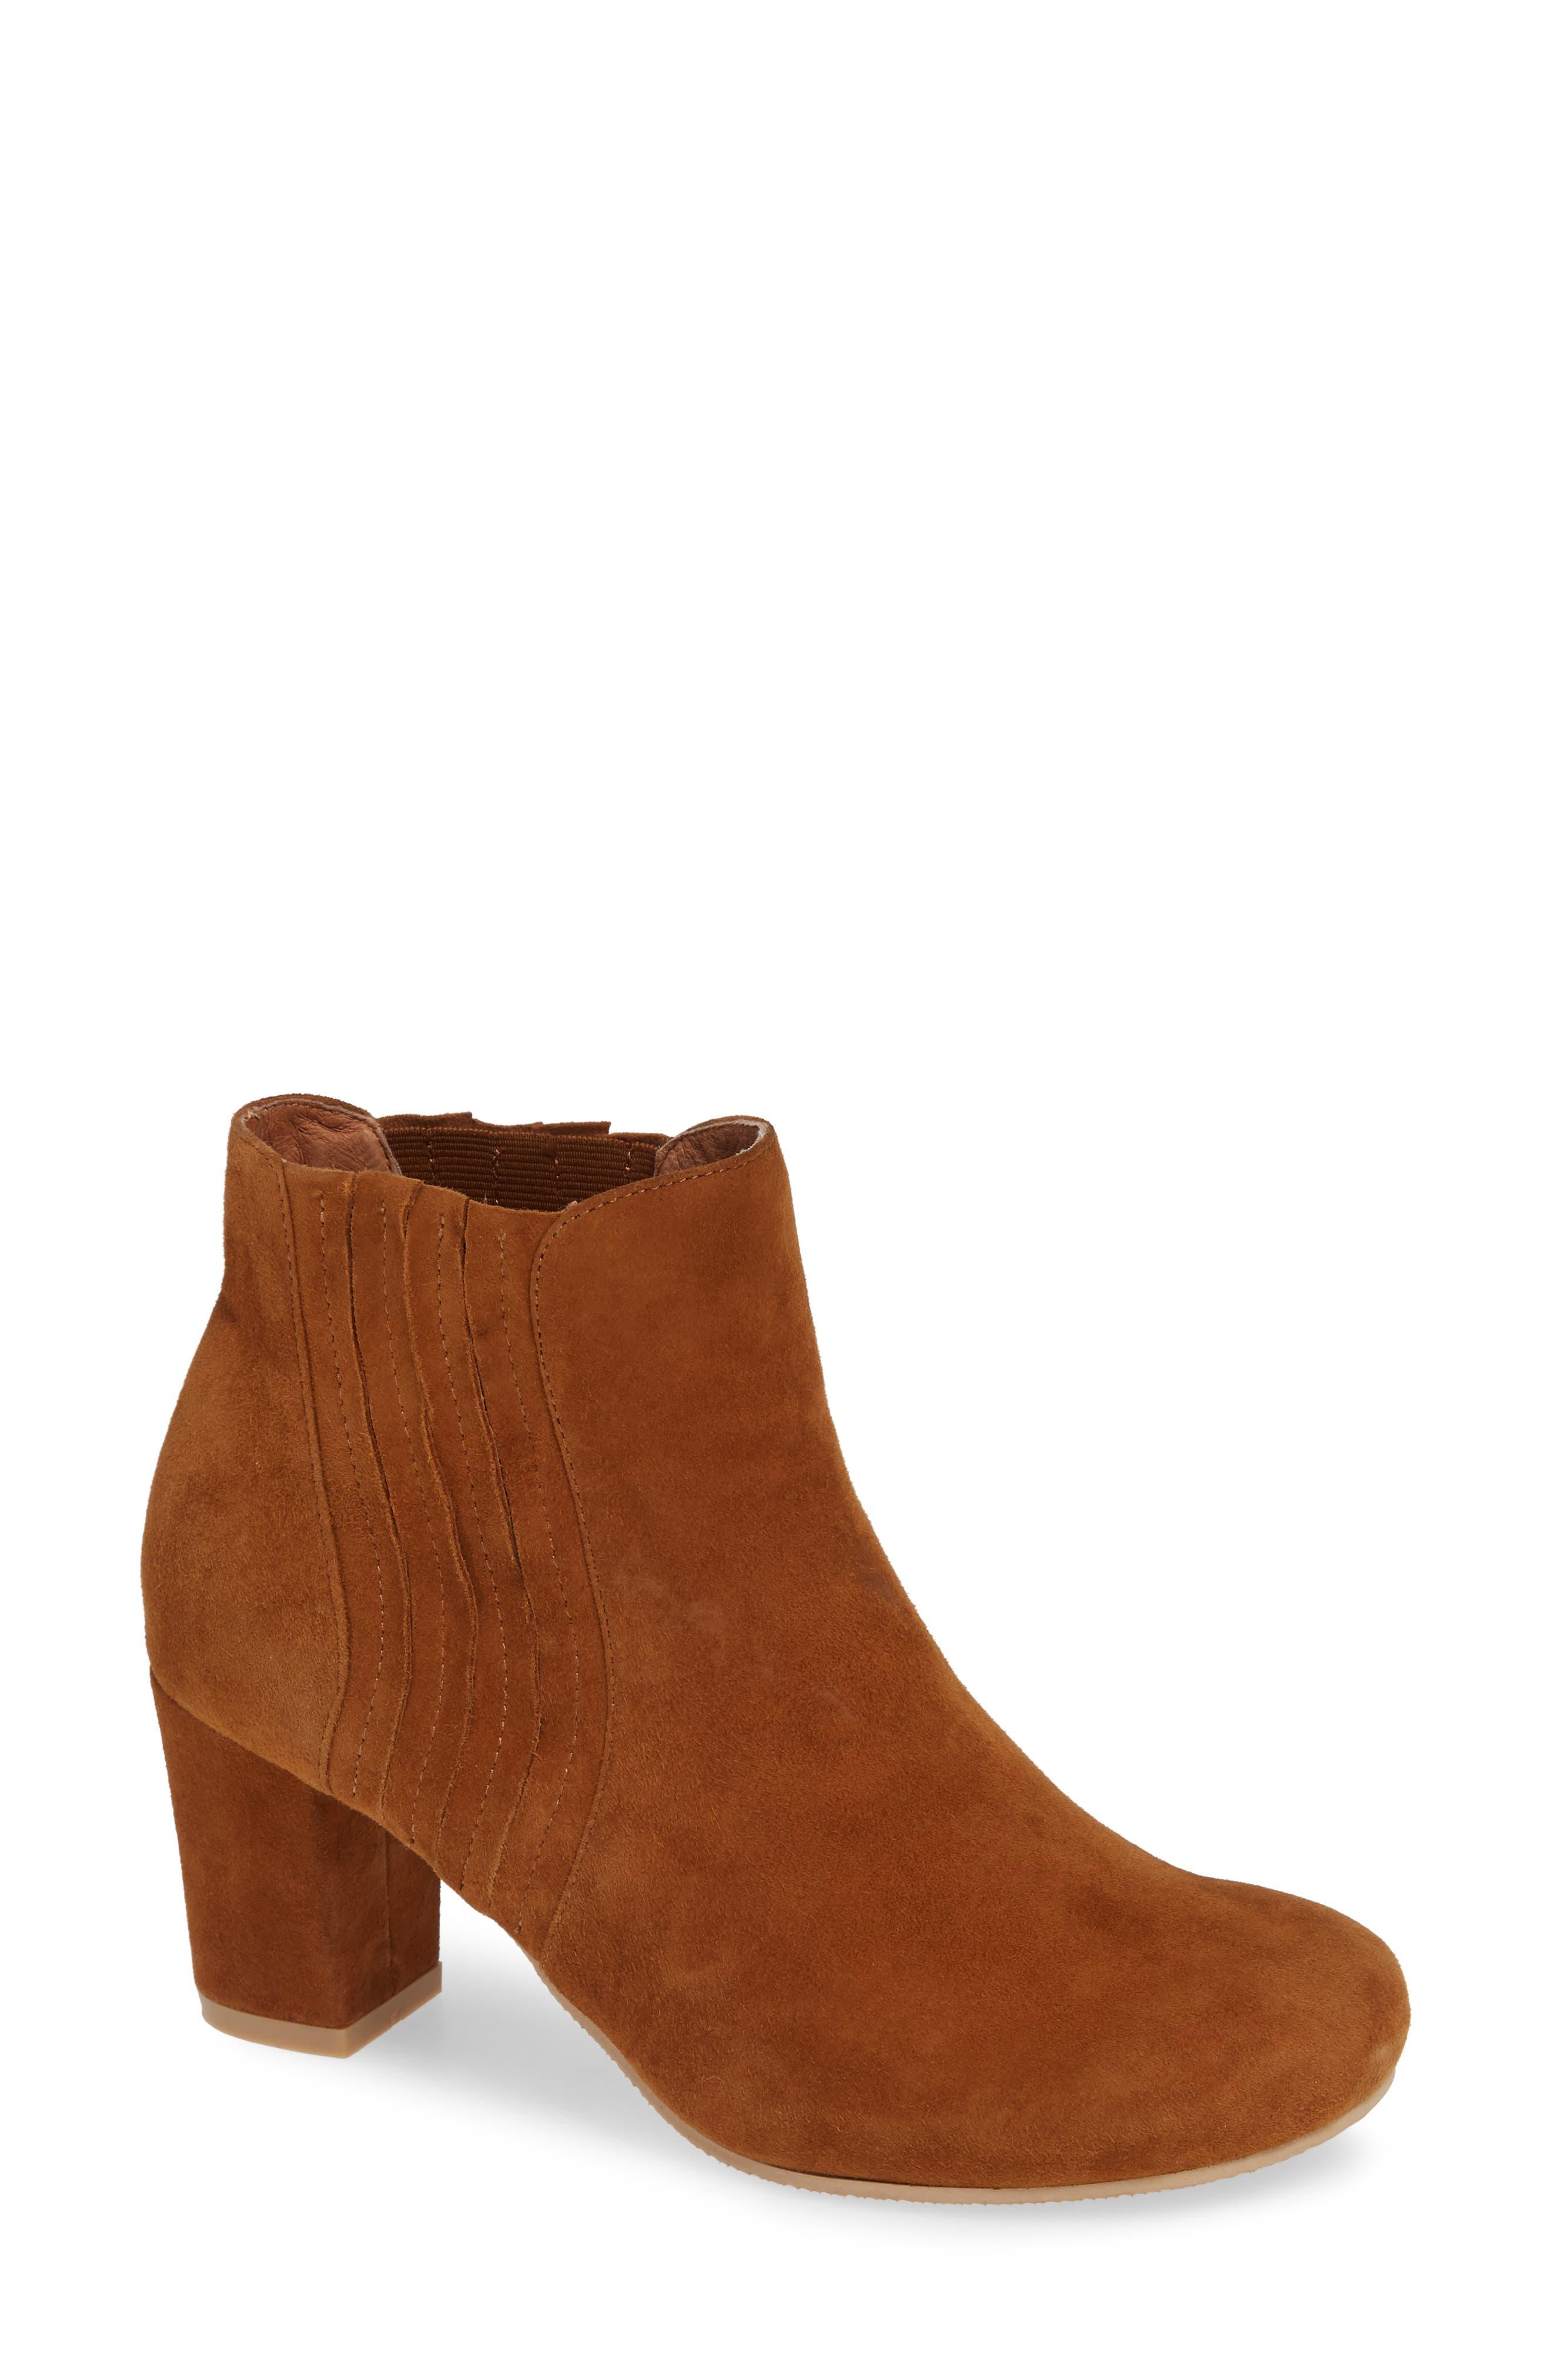 Camila Block Heel Bootie,                         Main,                         color, CARMEL SUEDE